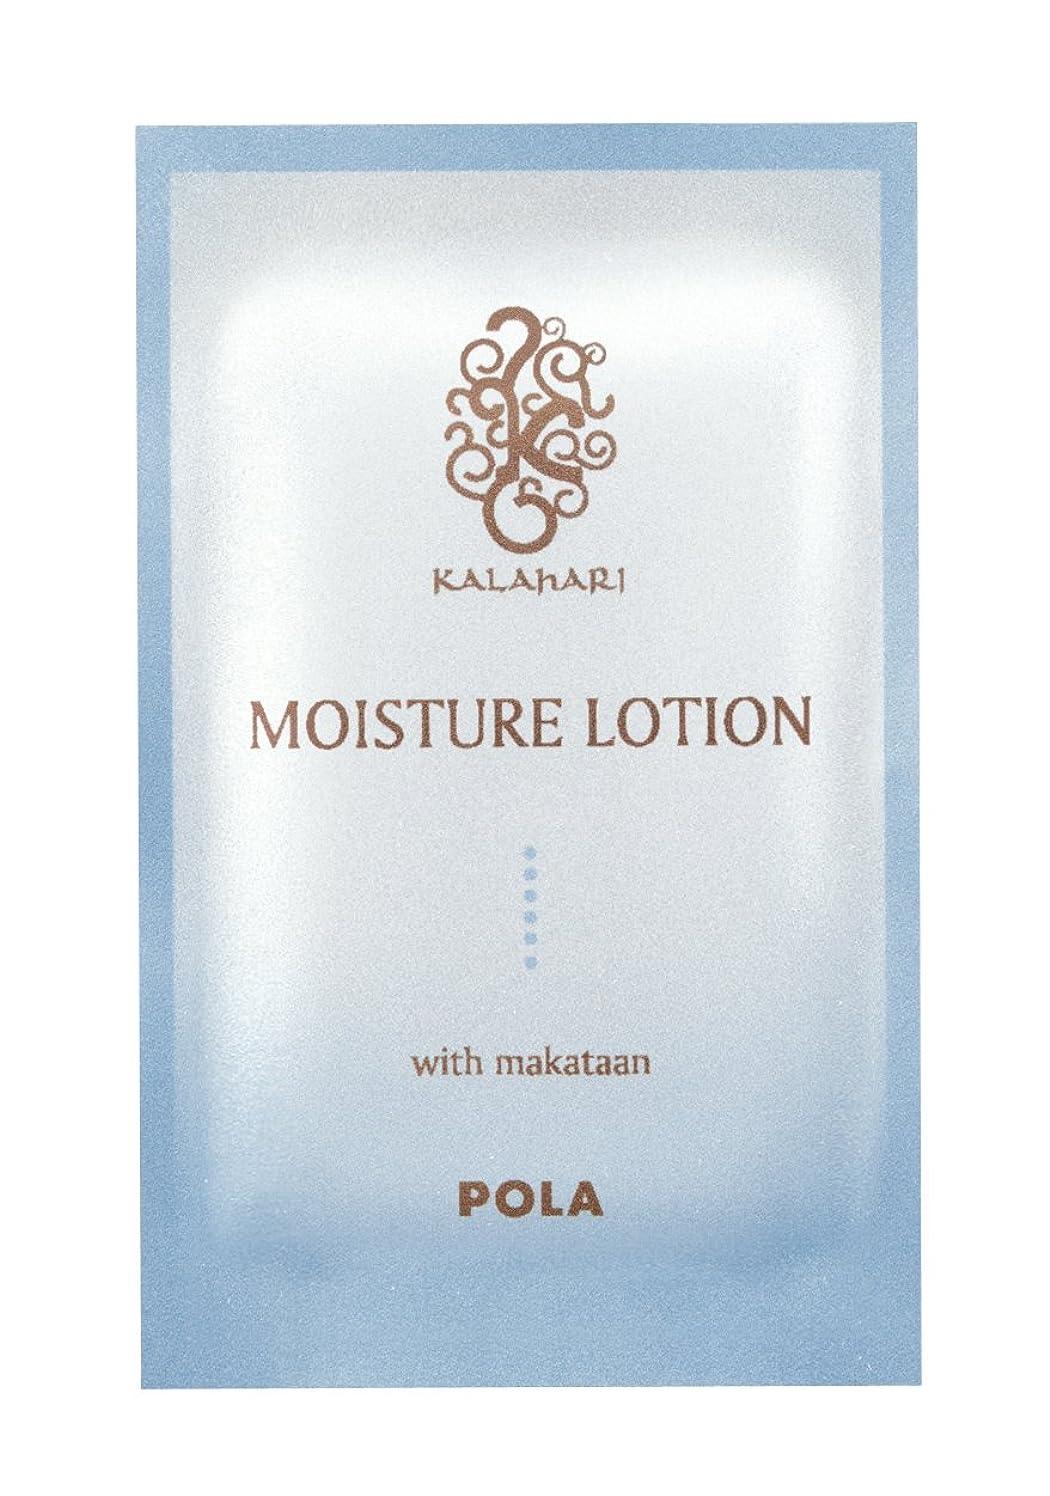 補助幸運不快なPOLA ポーラ カラハリ モイスチャーローション 化粧水 個包装 2mL×100包